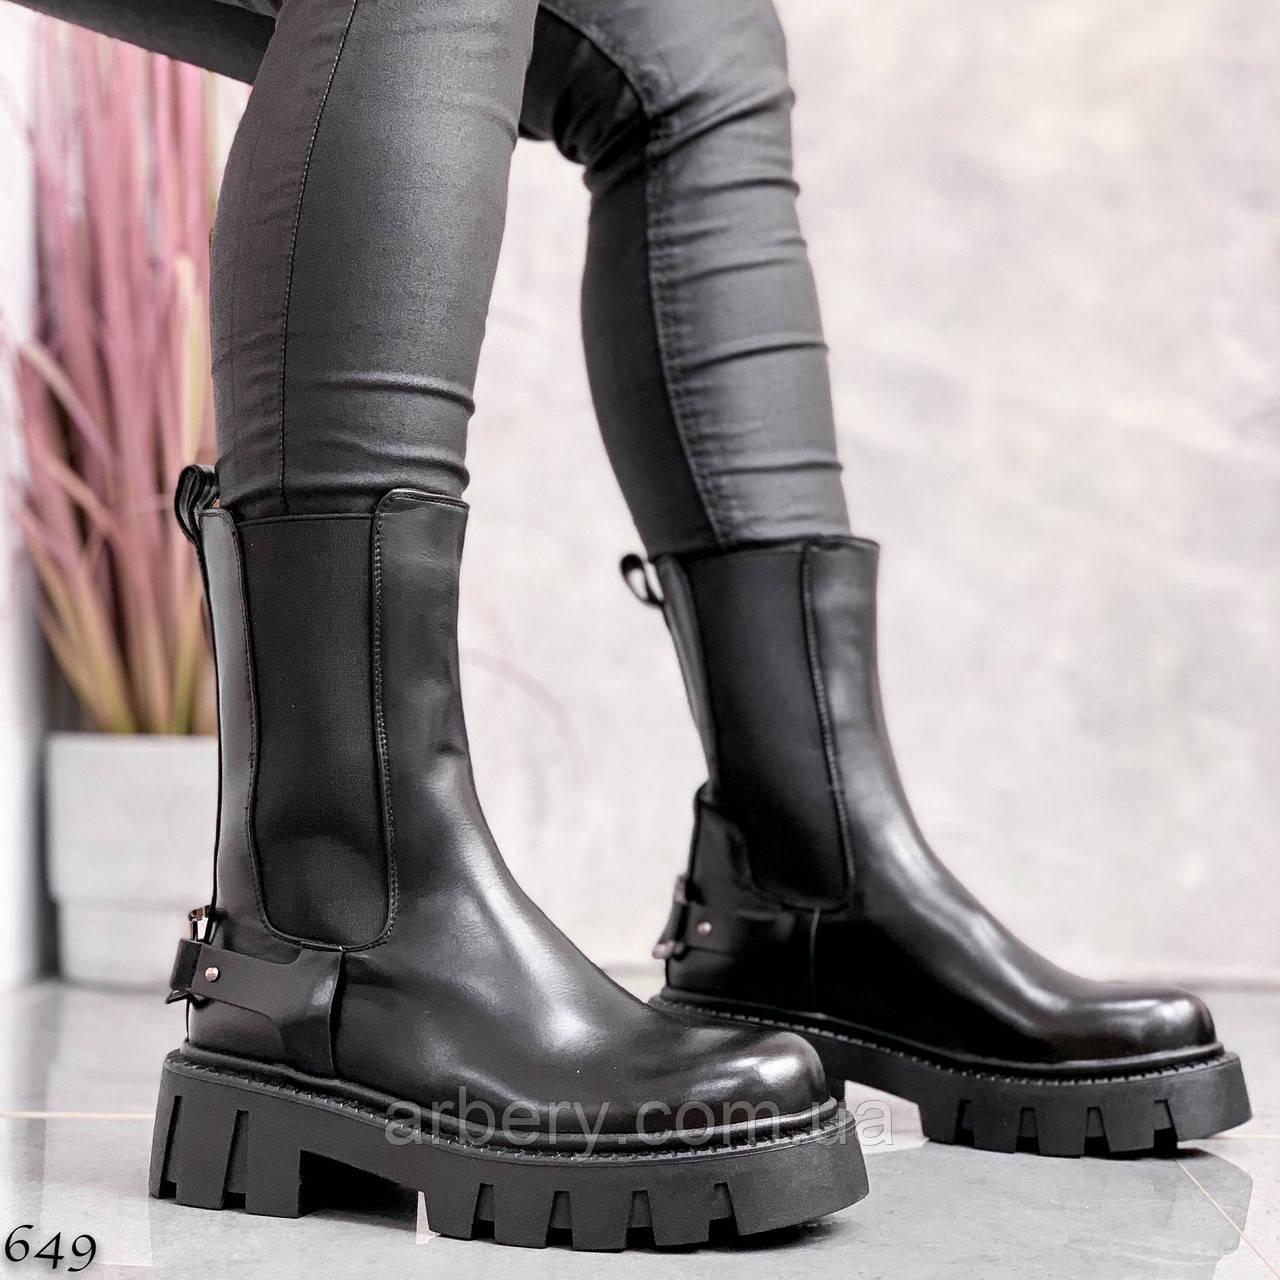 Шикарные демисезонные ботинки на тракторной подошве